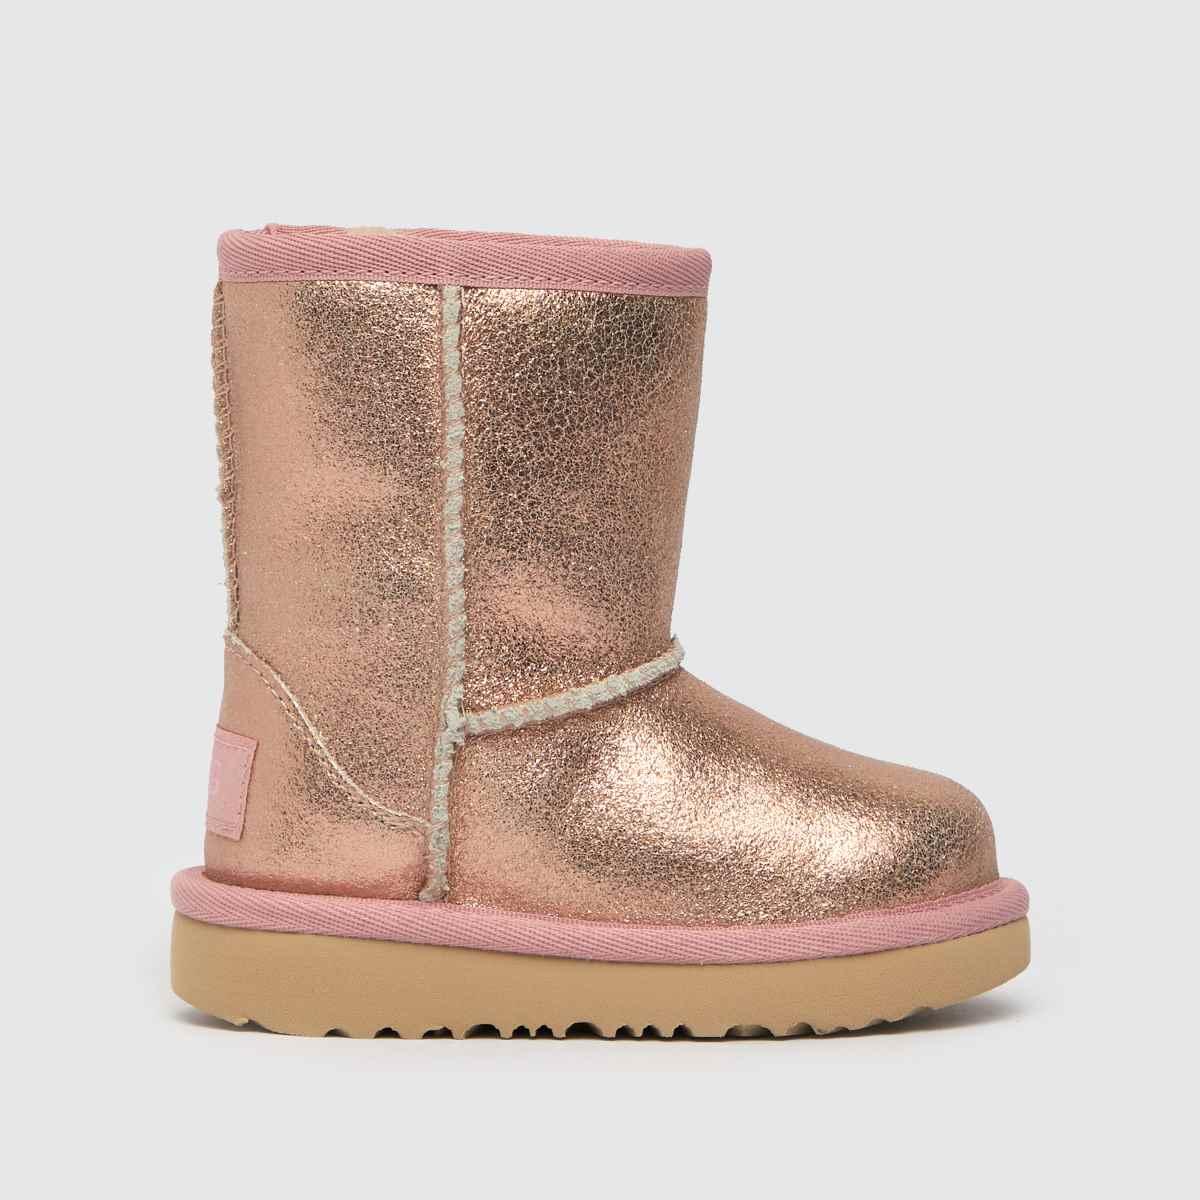 UGG Pink Classic Ii Metallic Boots Toddler